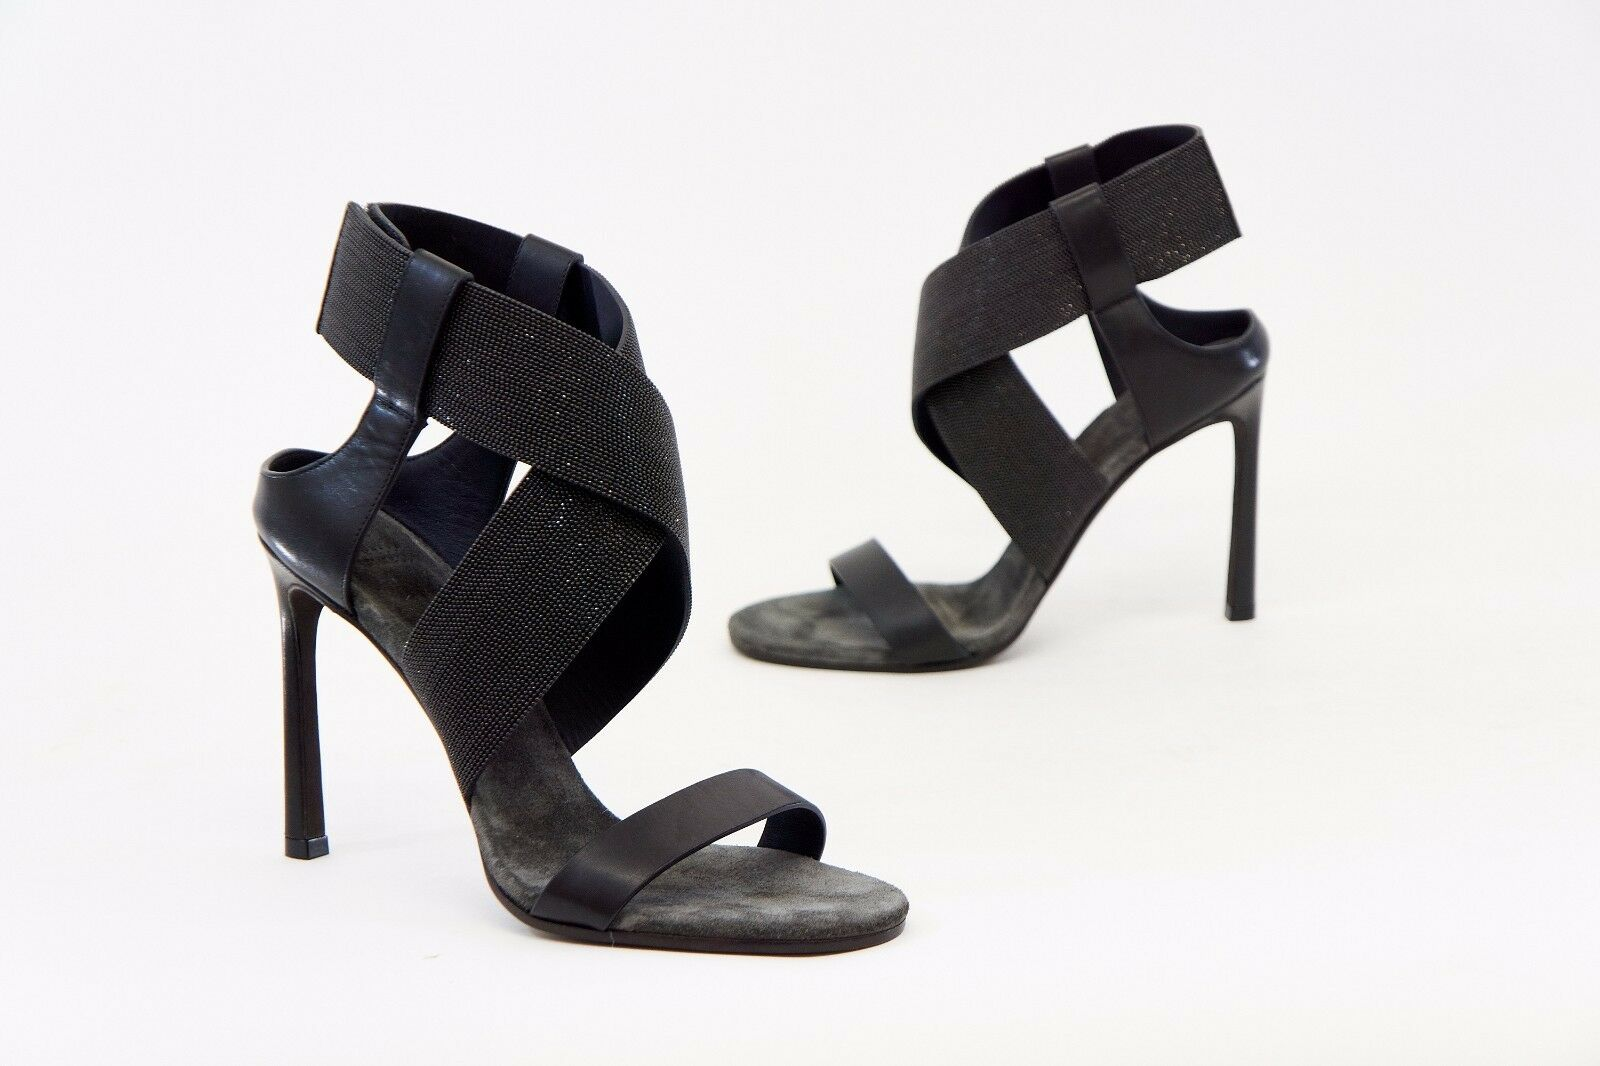 Nwob  1995 BRUNELLO CUCINELLI CUCINELLI CUCINELLI mayor parte Correa de Cuero 100% 37 7 A176 con cuentas Zapatos  nueva marca